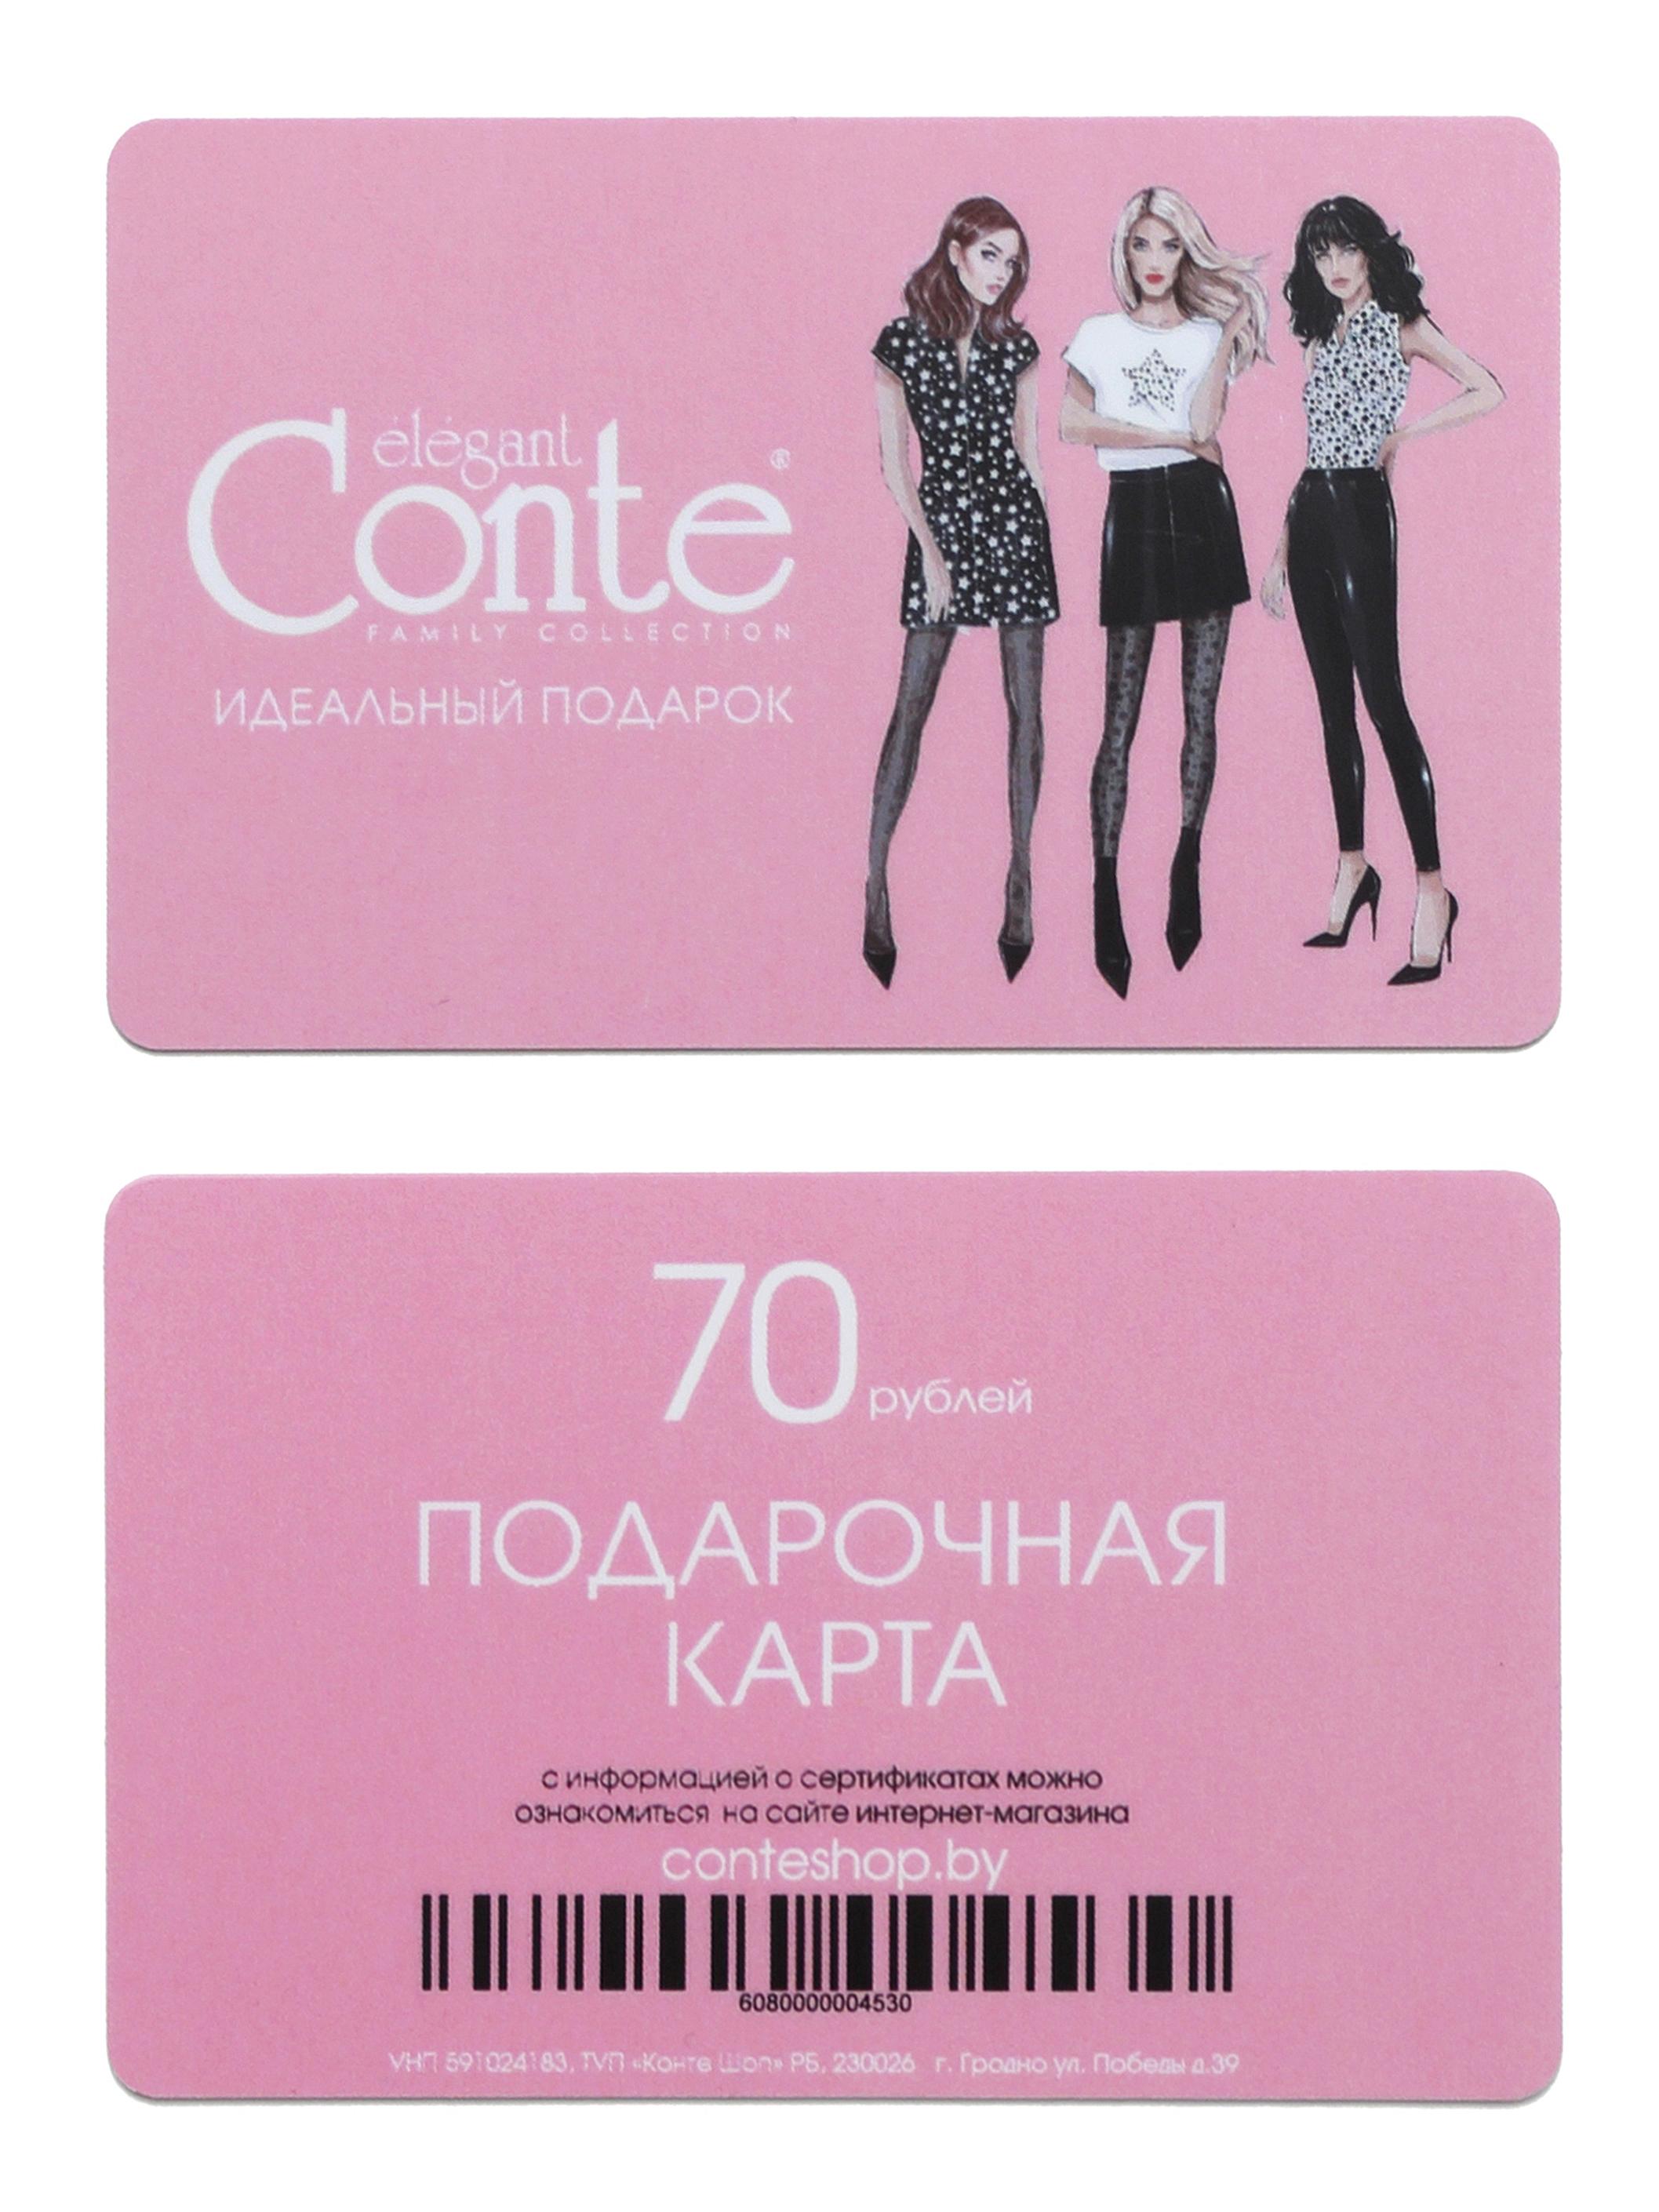 ⭐️ Подарочная карта Conte 70 рублей ⭐️